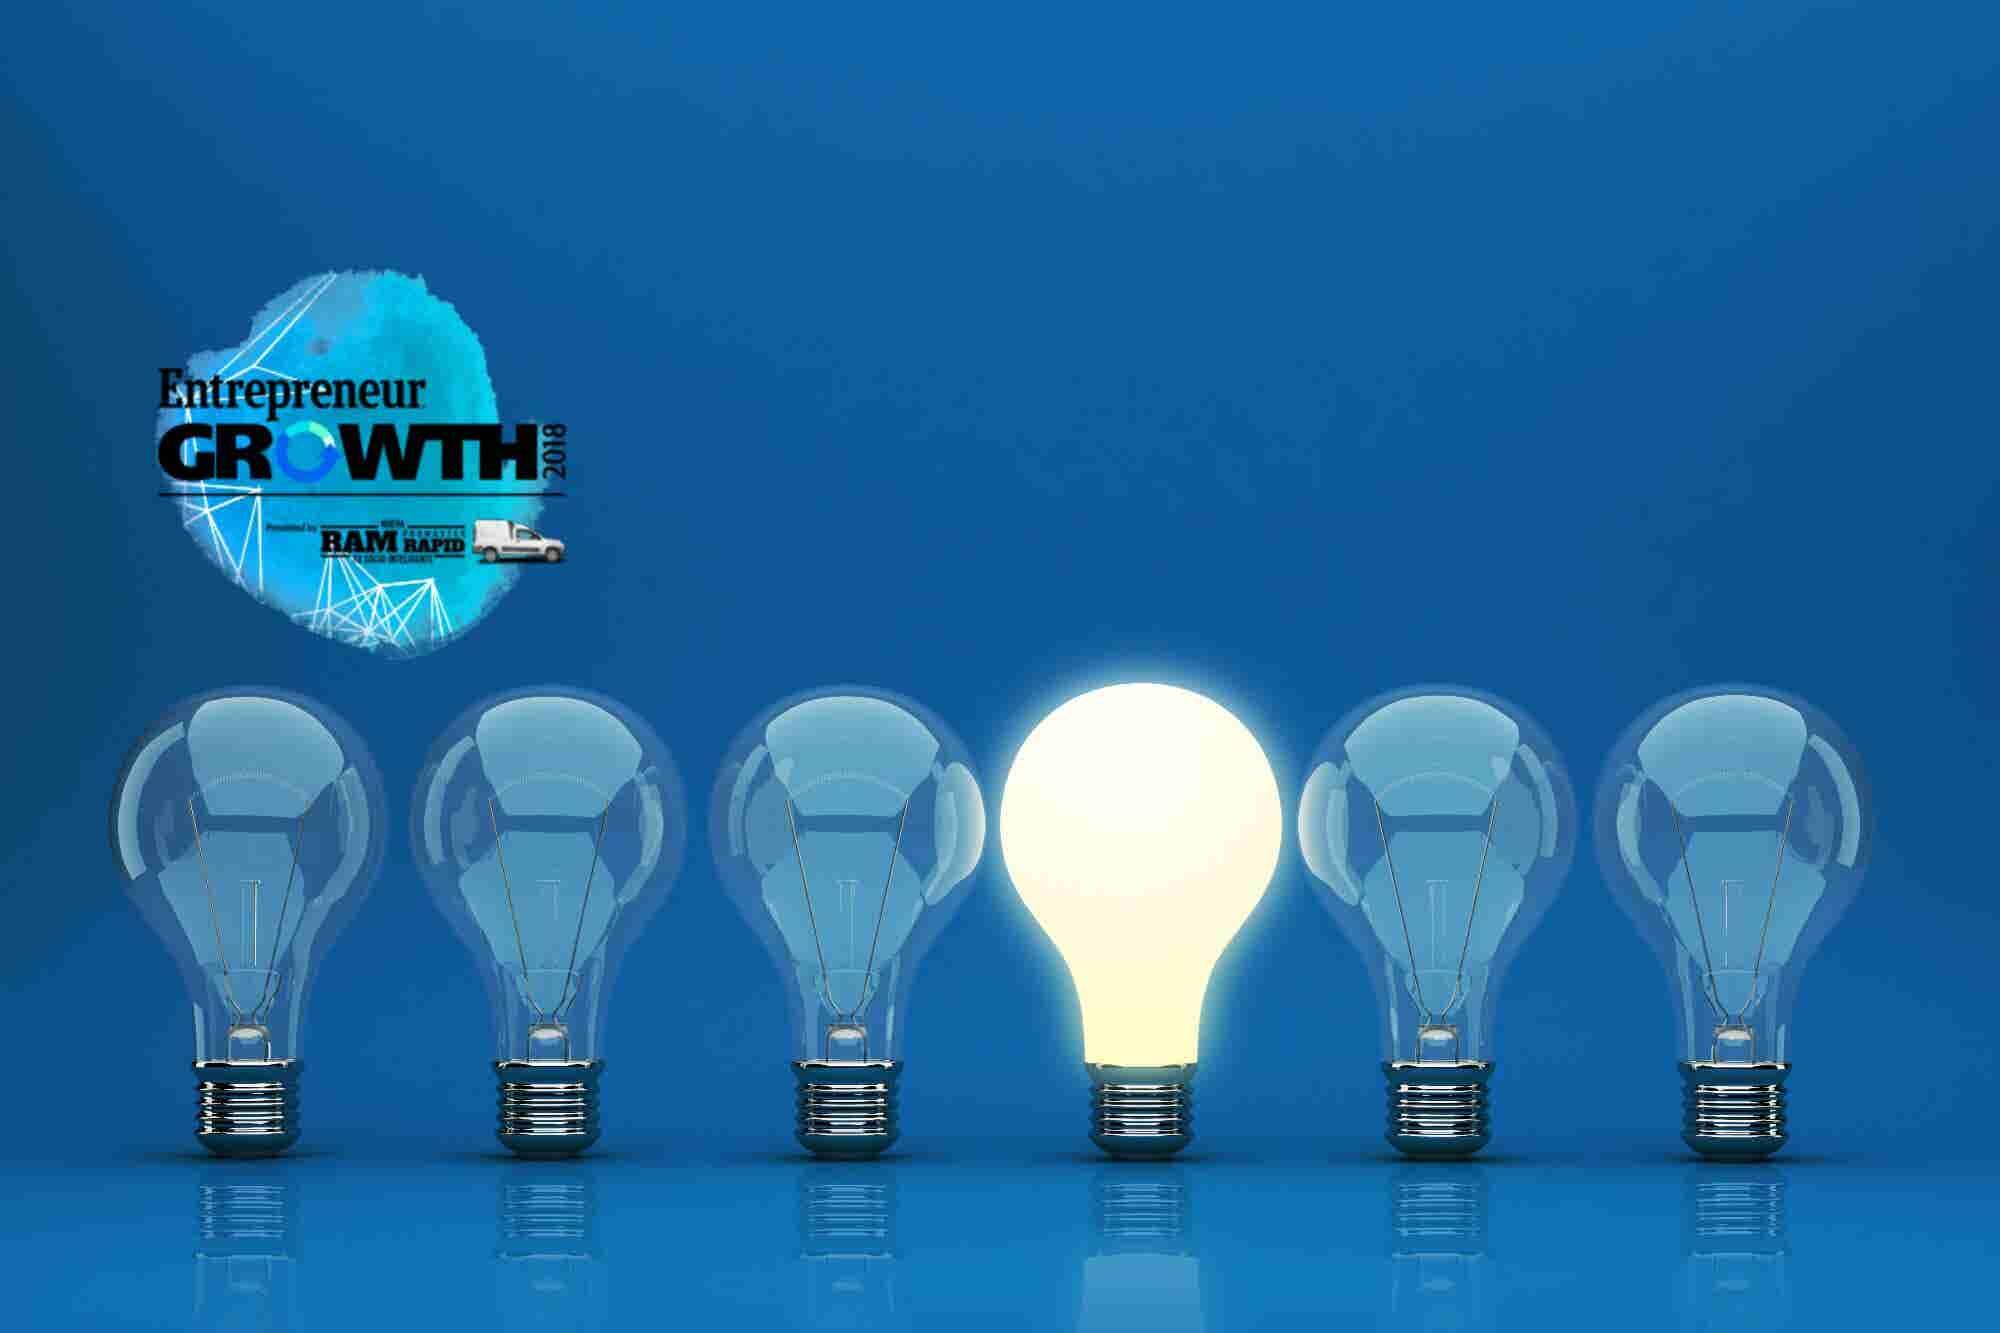 Test: ¿Qué tan innovadora es tu empresa?